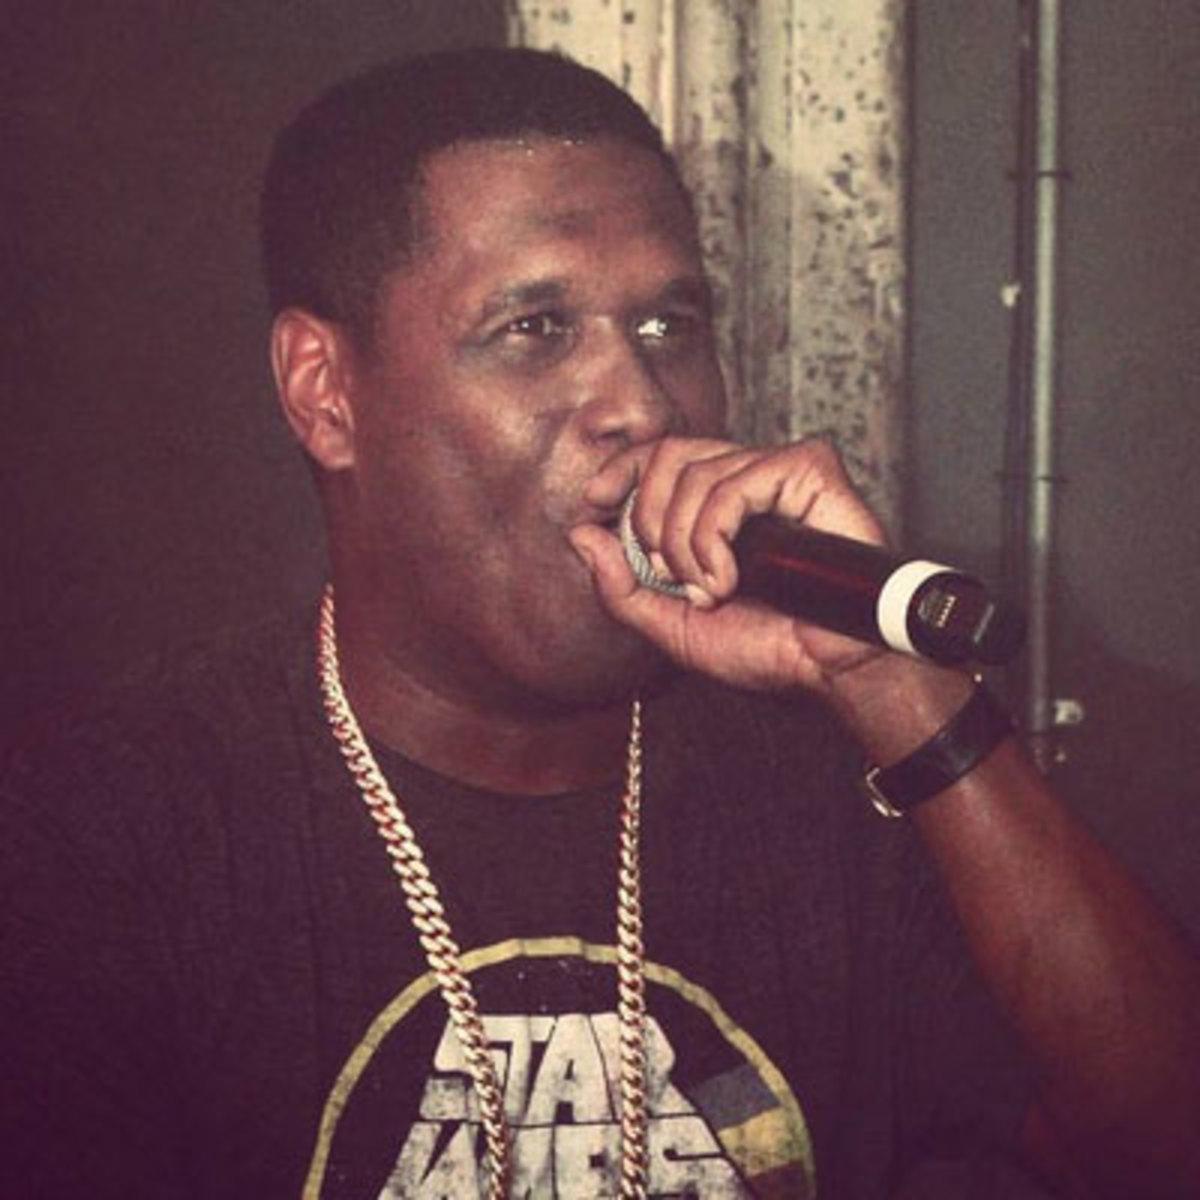 jay-elec-rap-god.jpg